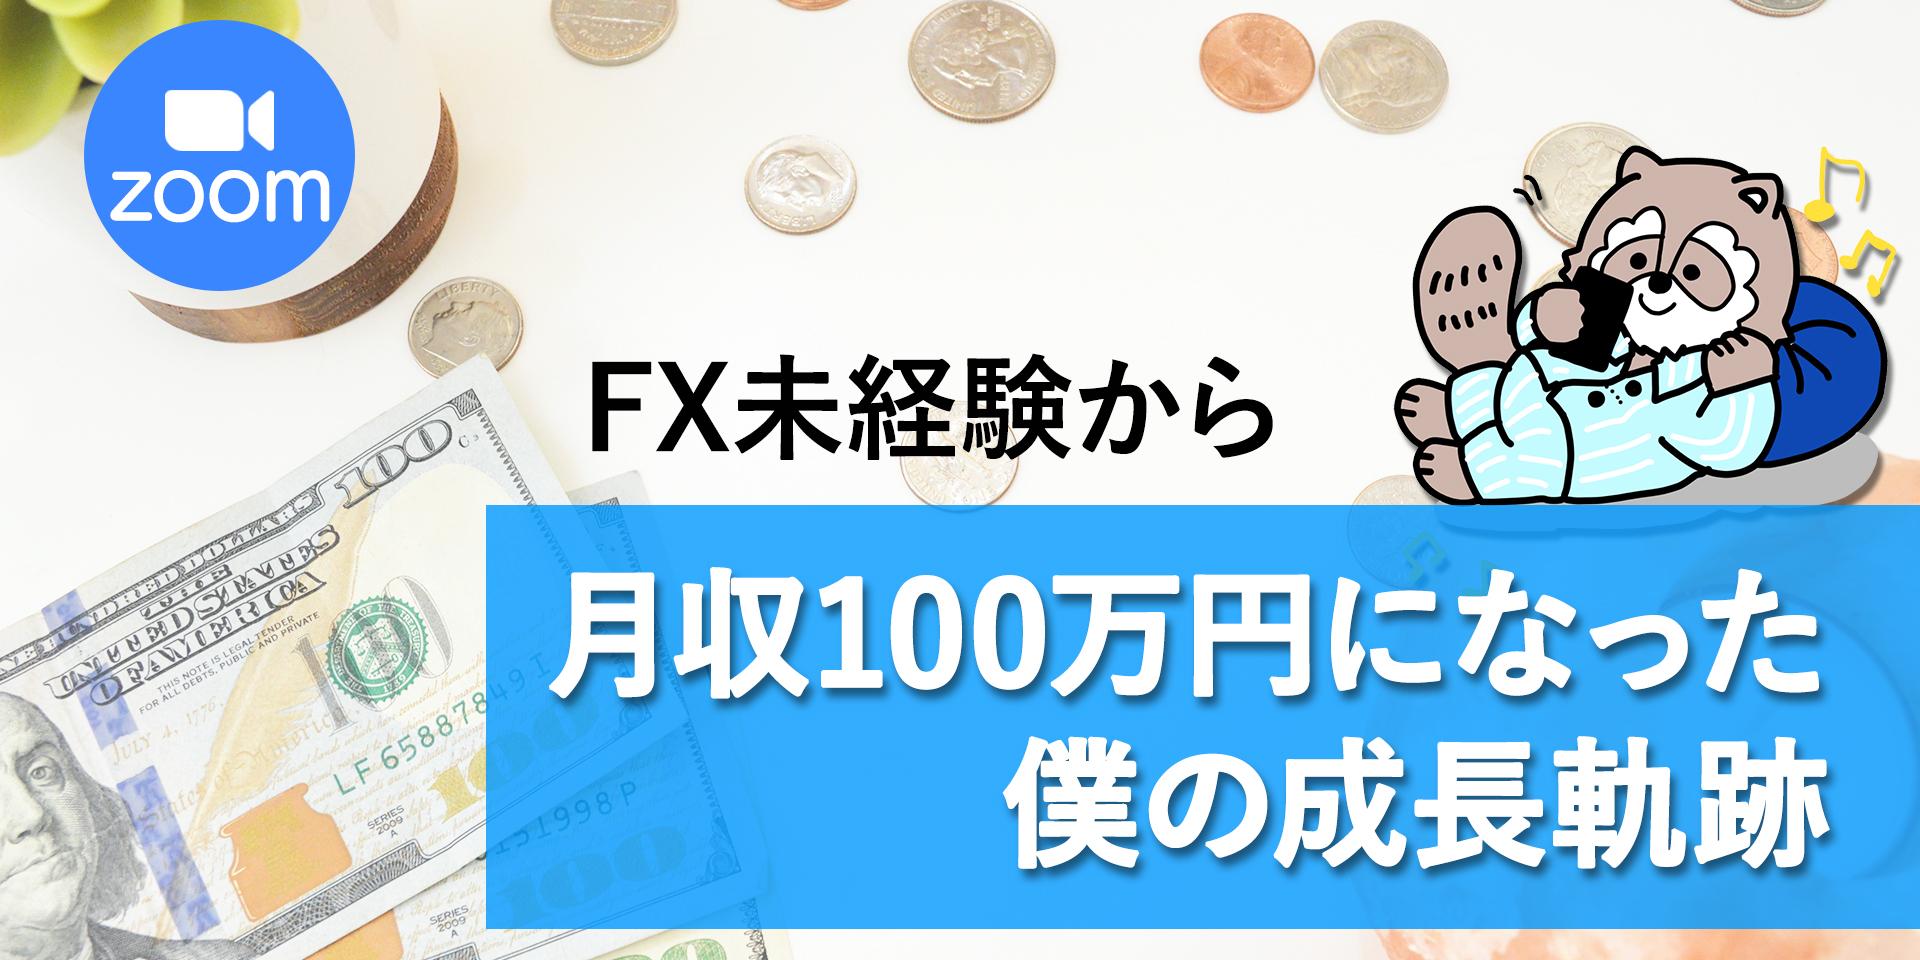 FX100万成長軌跡zoom